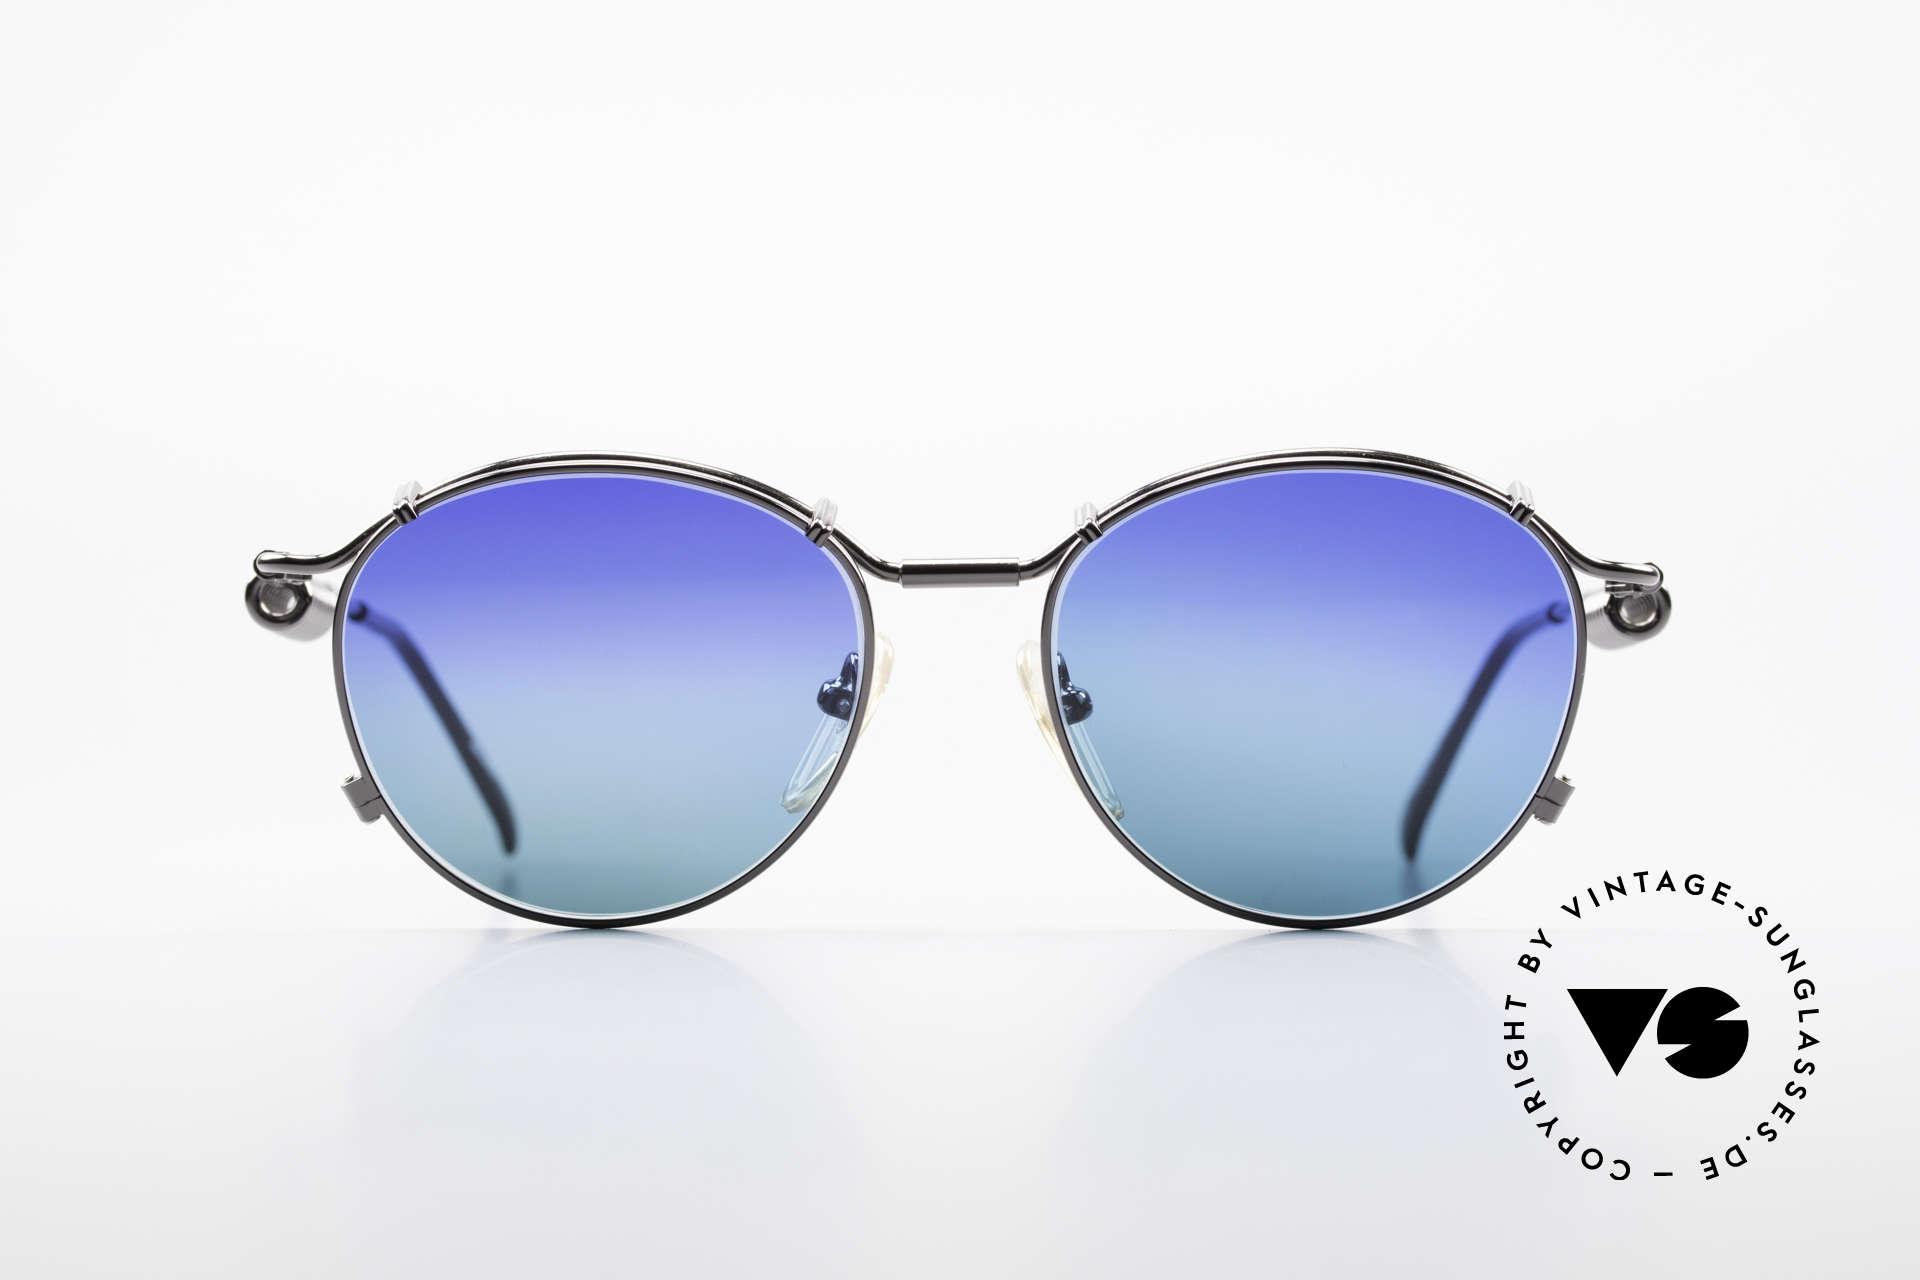 Jean Paul Gaultier 56-9174 Industrial 90er Sonnenbrille, typisches mechanisches J.P.G. Industrial-Design, Passend für Herren und Damen